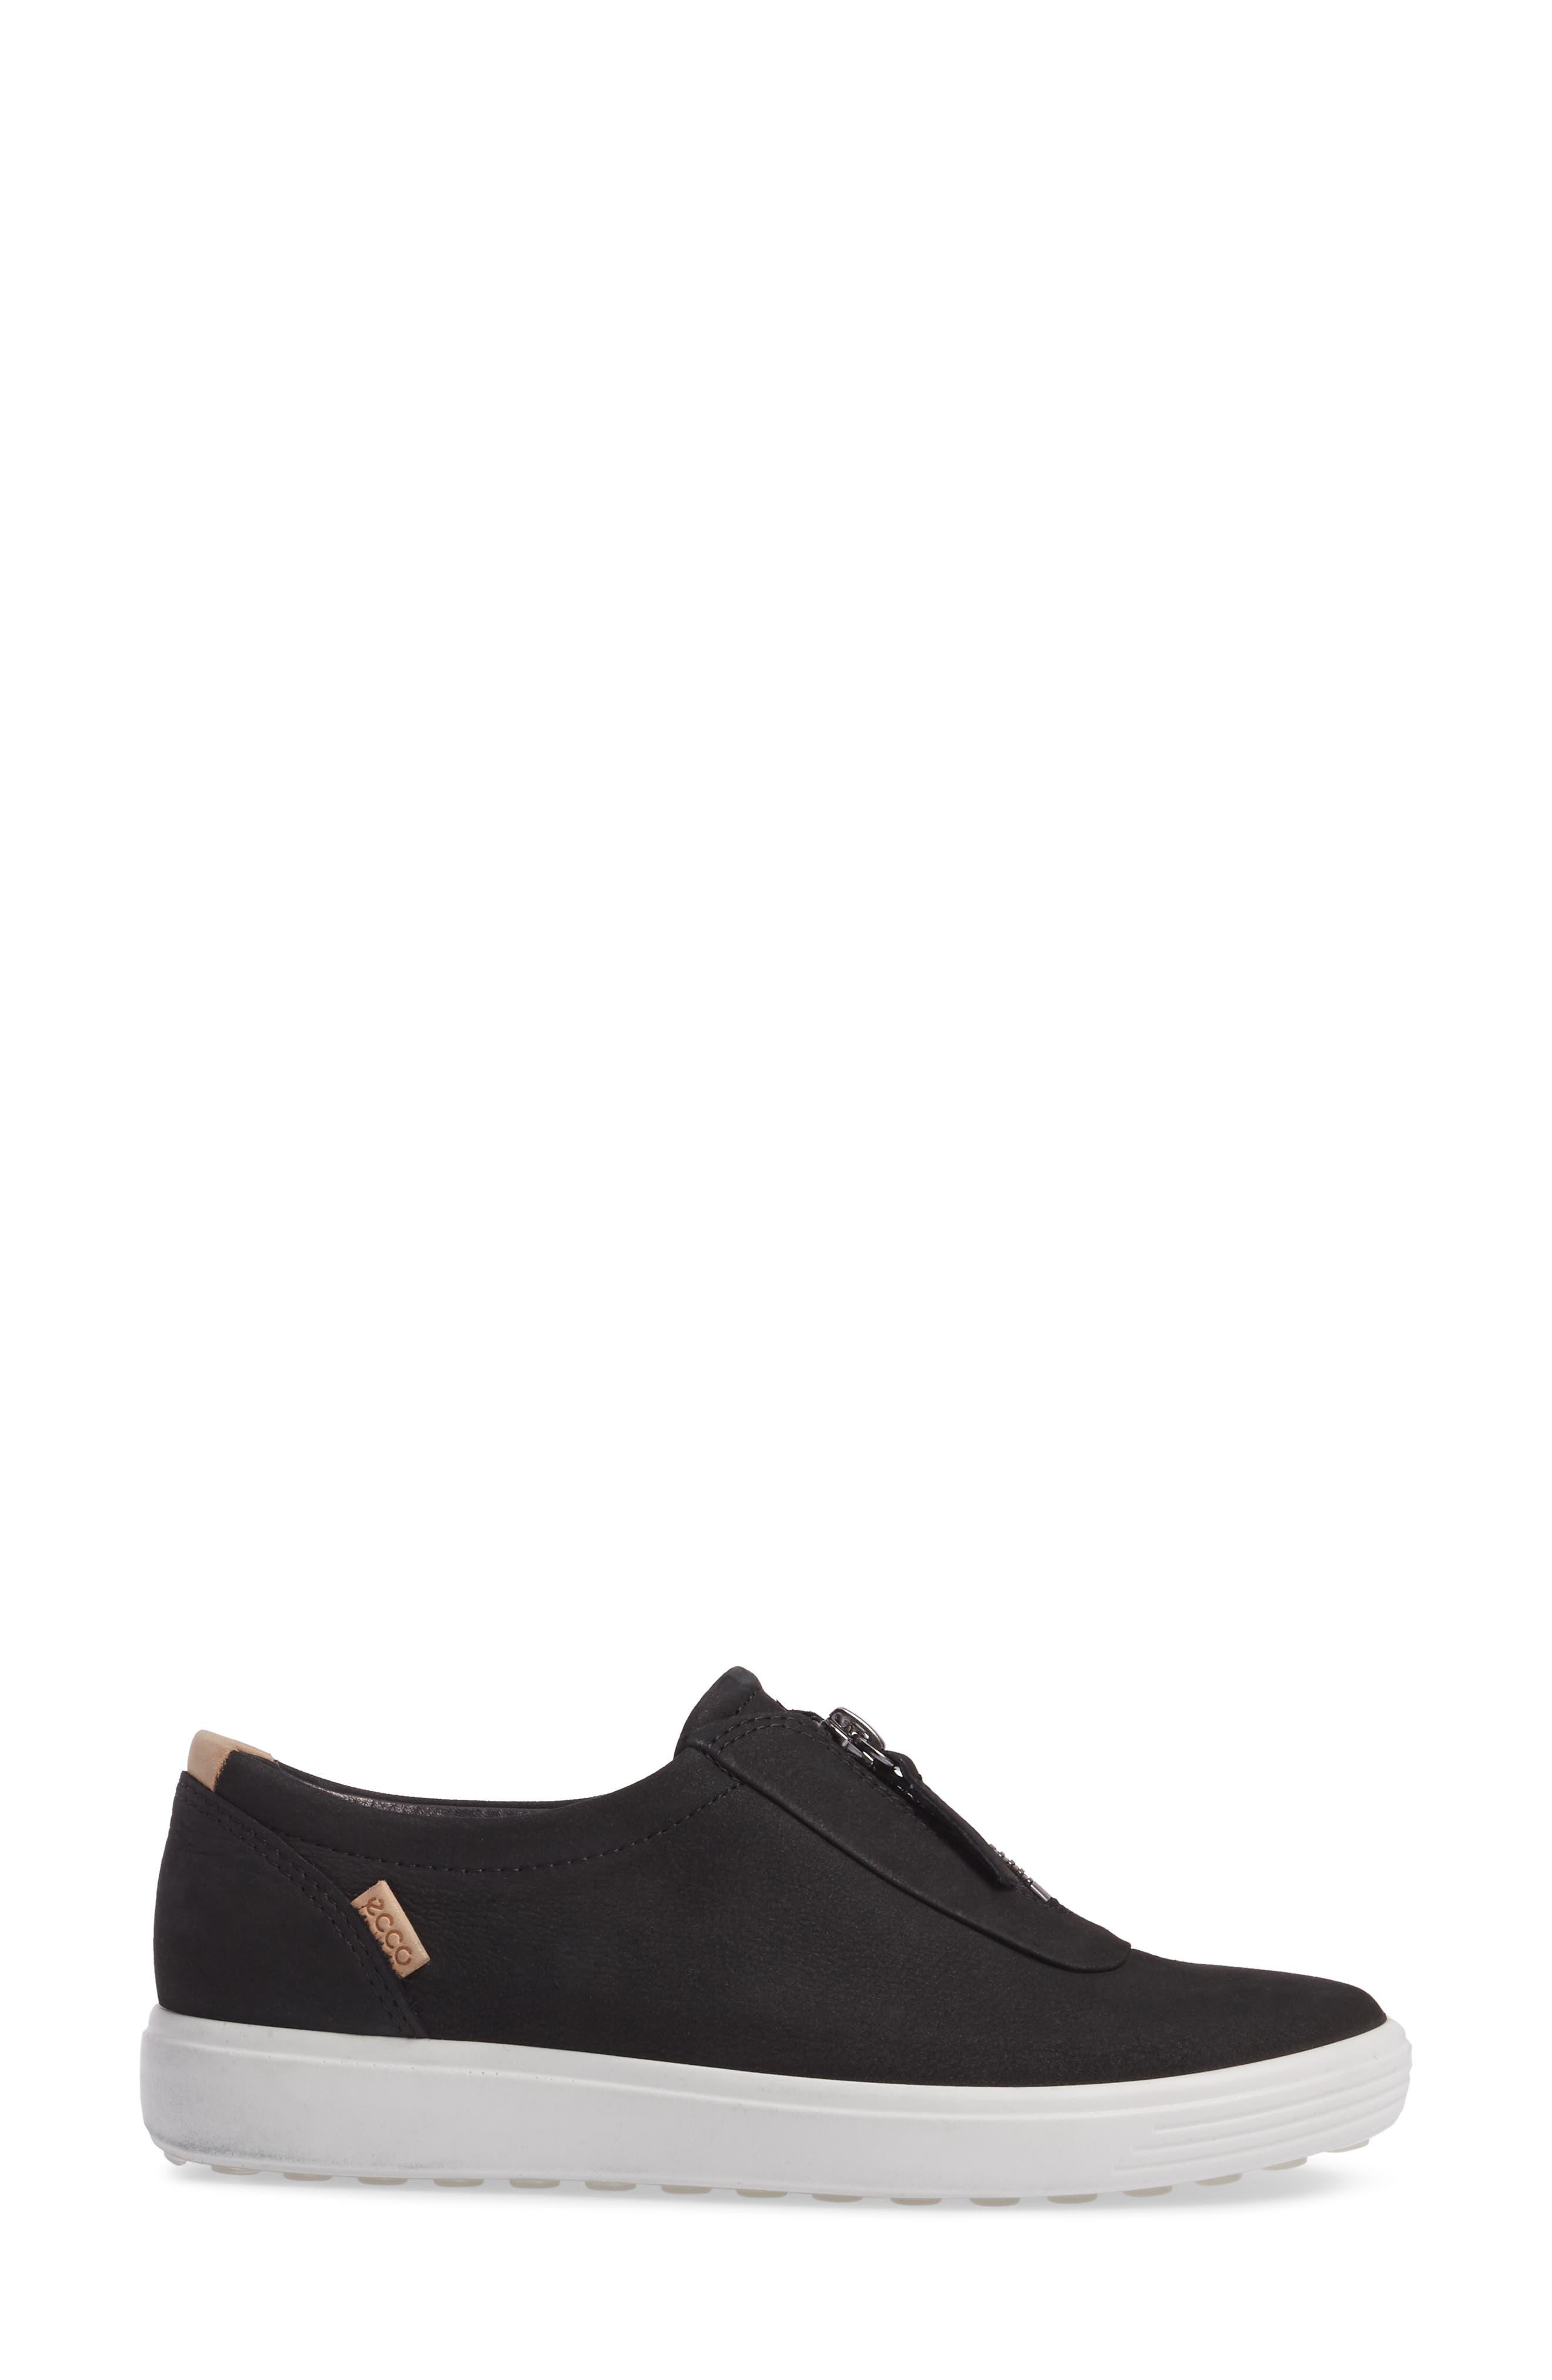 Alternate Image 3  - ECCO Soft 7 Slip-On Sneaker (Women)